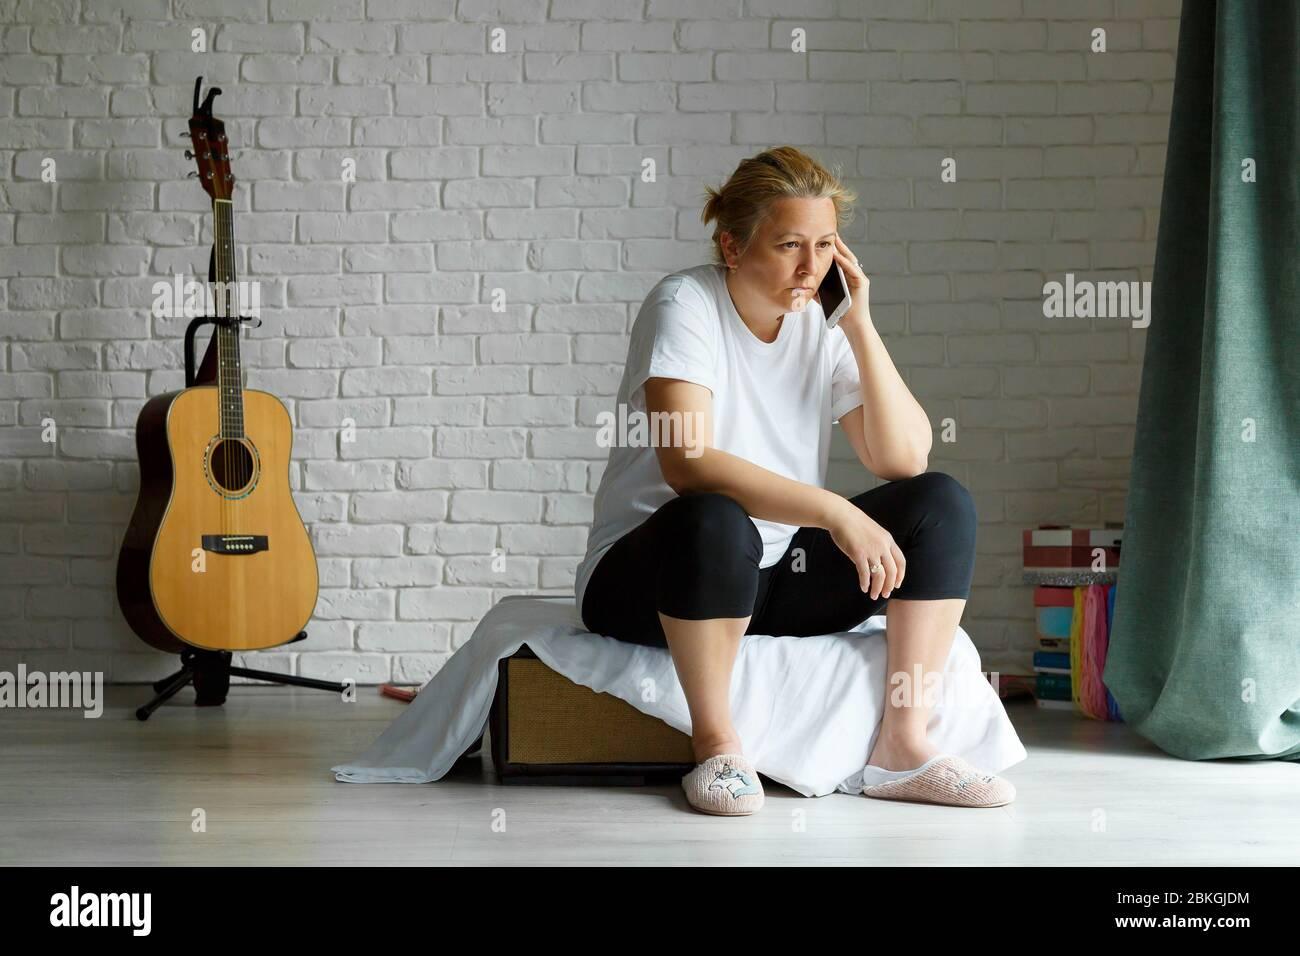 Triste femme parlant au téléphone dans le salon assis dans l'autocar. 40 ans femme portant des vêtements de maison. Banque D'Images